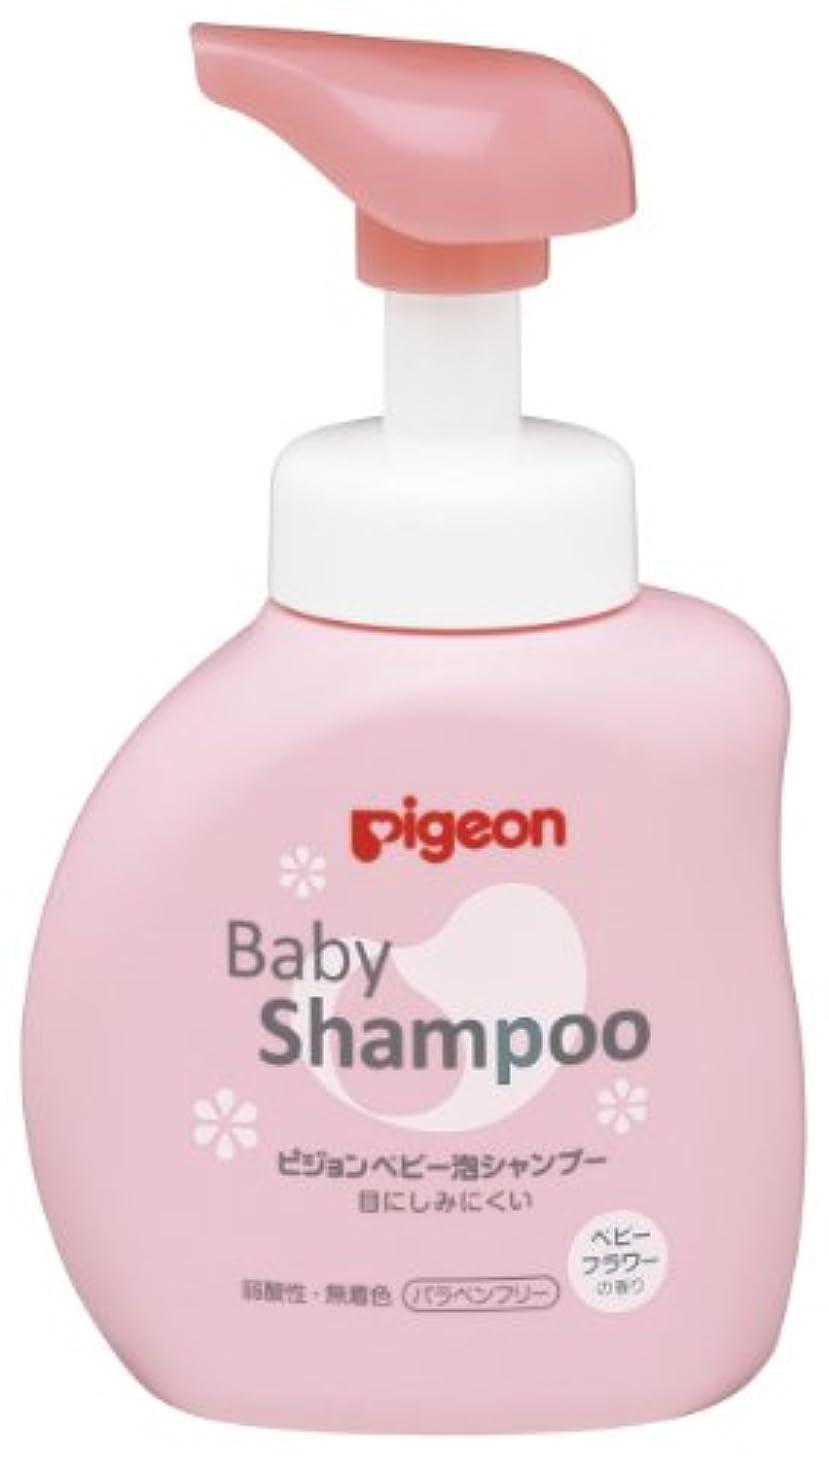 磨かれたでも成功するピジョン 泡シャンプー フラワーの香り ボトル 350ml (0ヵ月~)